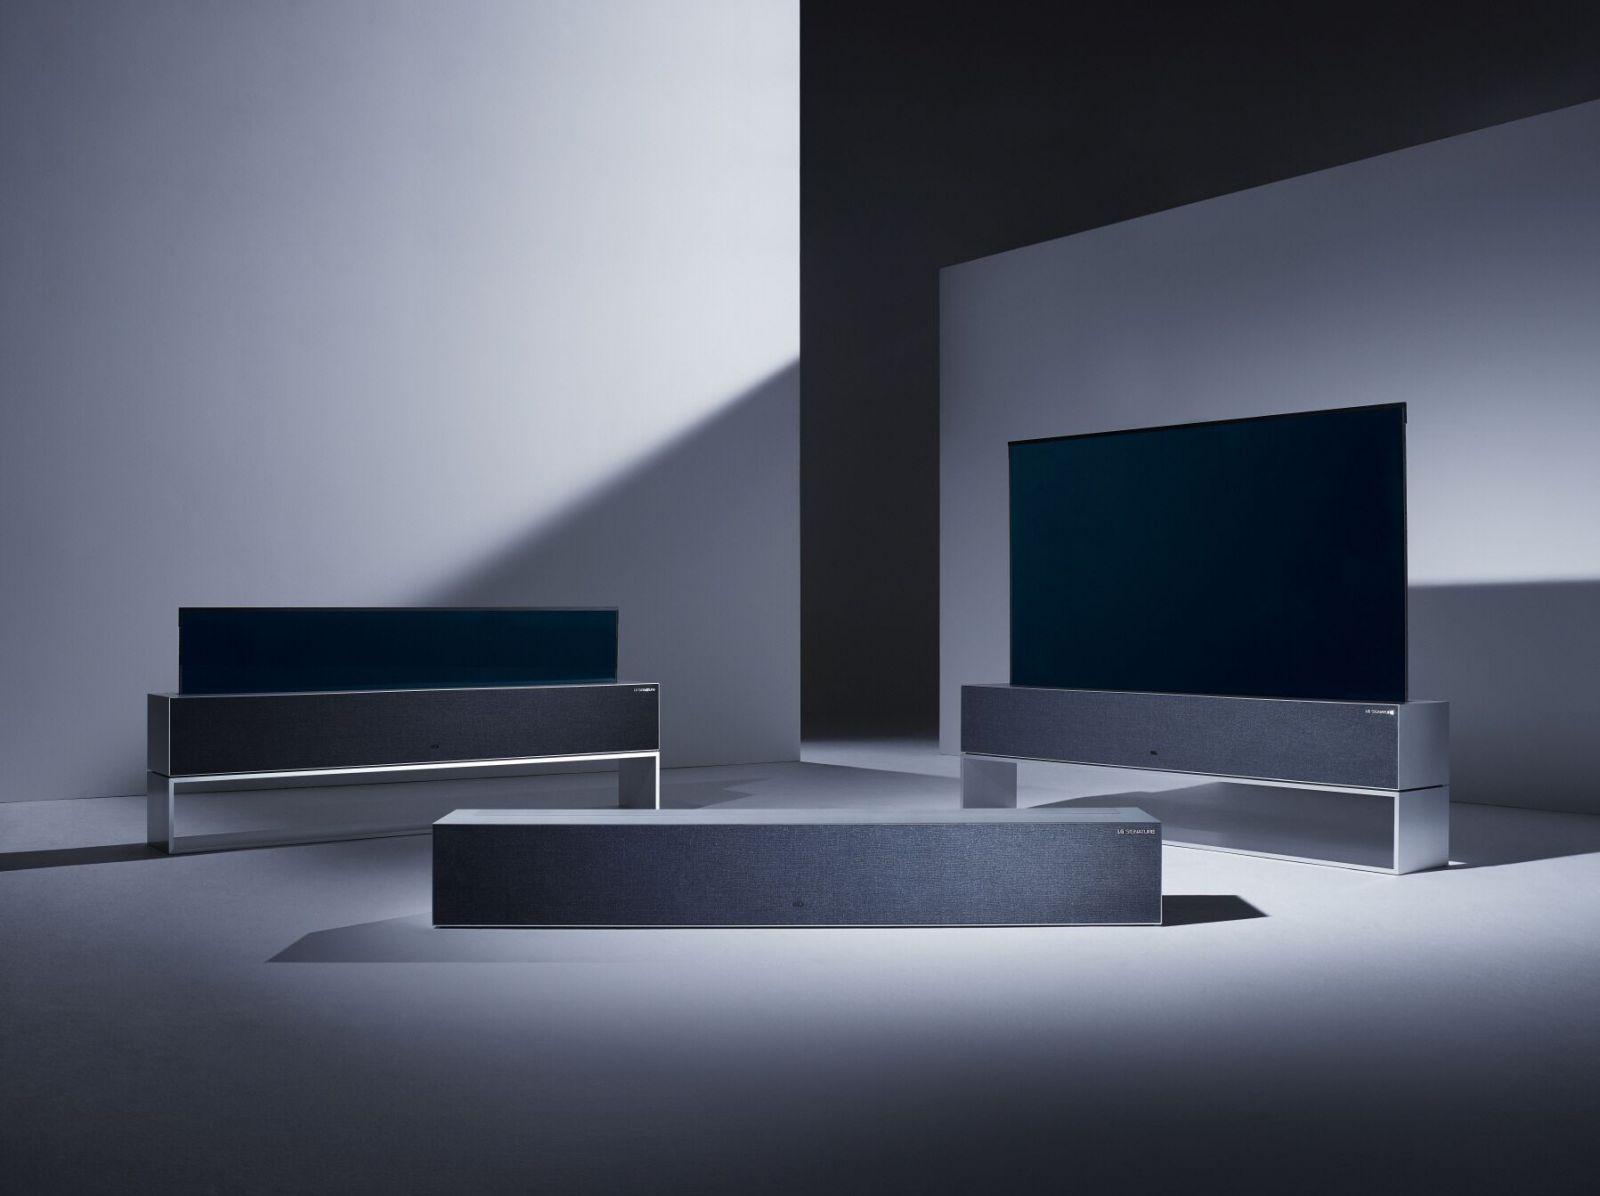 LG predstavuje TV budúcnosti: Prvý OLED televízor s ohybnou obrazovkou